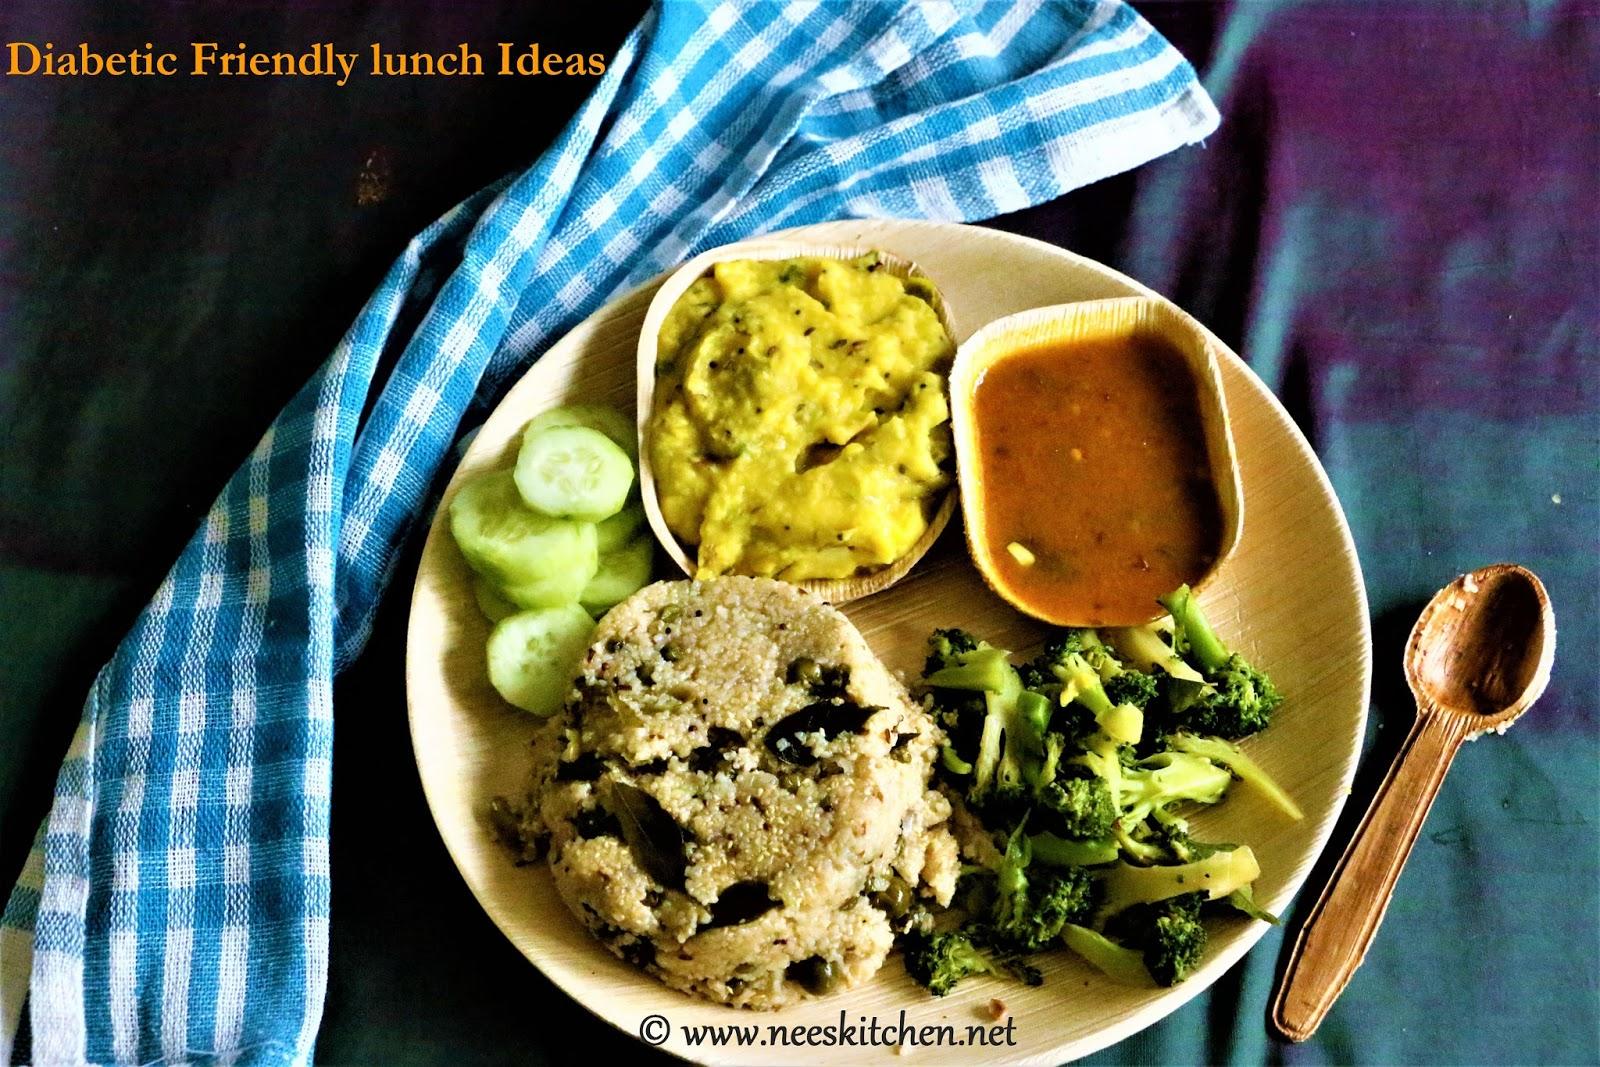 diabetic friendly lunch ideas - 5 - nee's kitchen